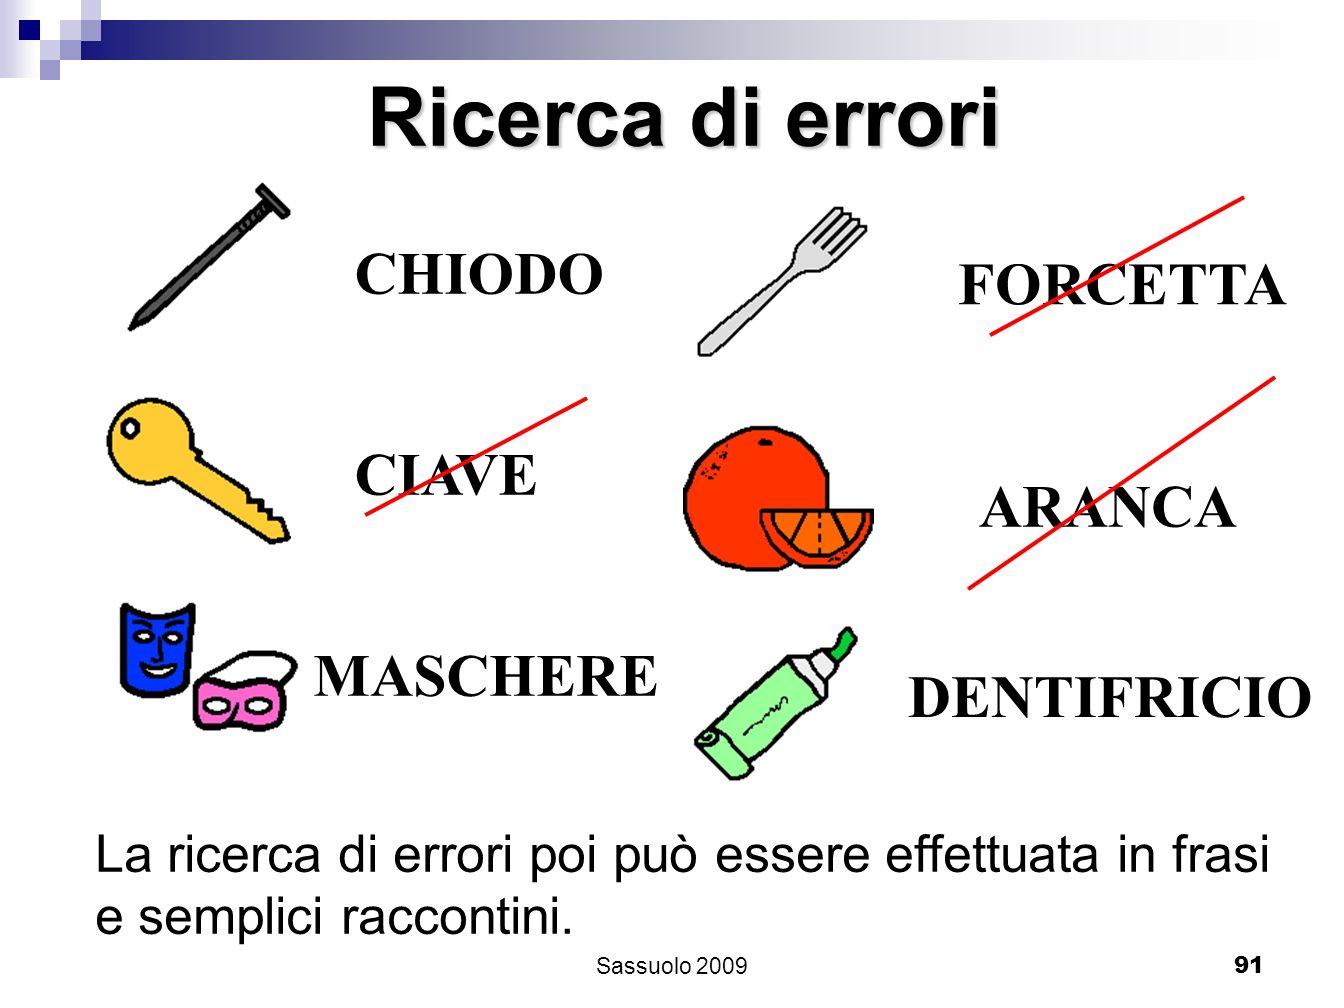 91 Ricerca di errori CHIODO CIAVE MASCHERE FORCETTA ARANCA DENTIFRICIO La ricerca di errori poi può essere effettuata in frasi e semplici raccontini.